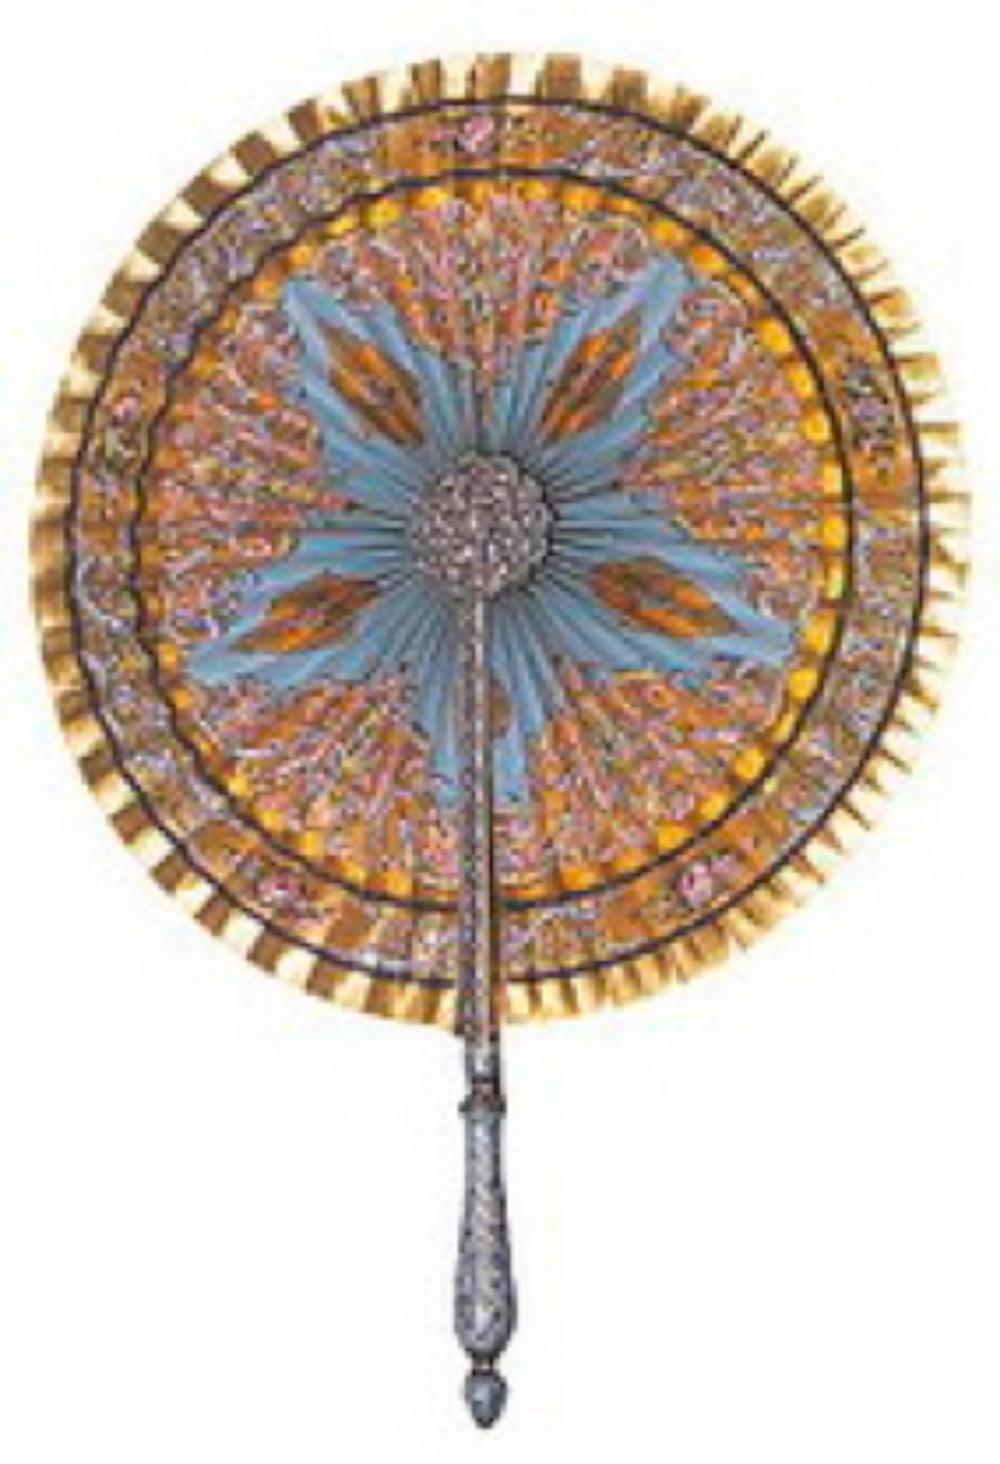 Elmaslı kağıtı yelpaze. 19.yüzyıl, Osmanlı, çap: 36 cm, uzunluk: 35 cm., madalyon çap: 5,5 cm. İki yüzü altın yaldızlı ve Rokoko bitkisel desenli. Orta madalyonlar, çubuklar ve sap altın üzerine mineli olup elmaslarla bezeli.